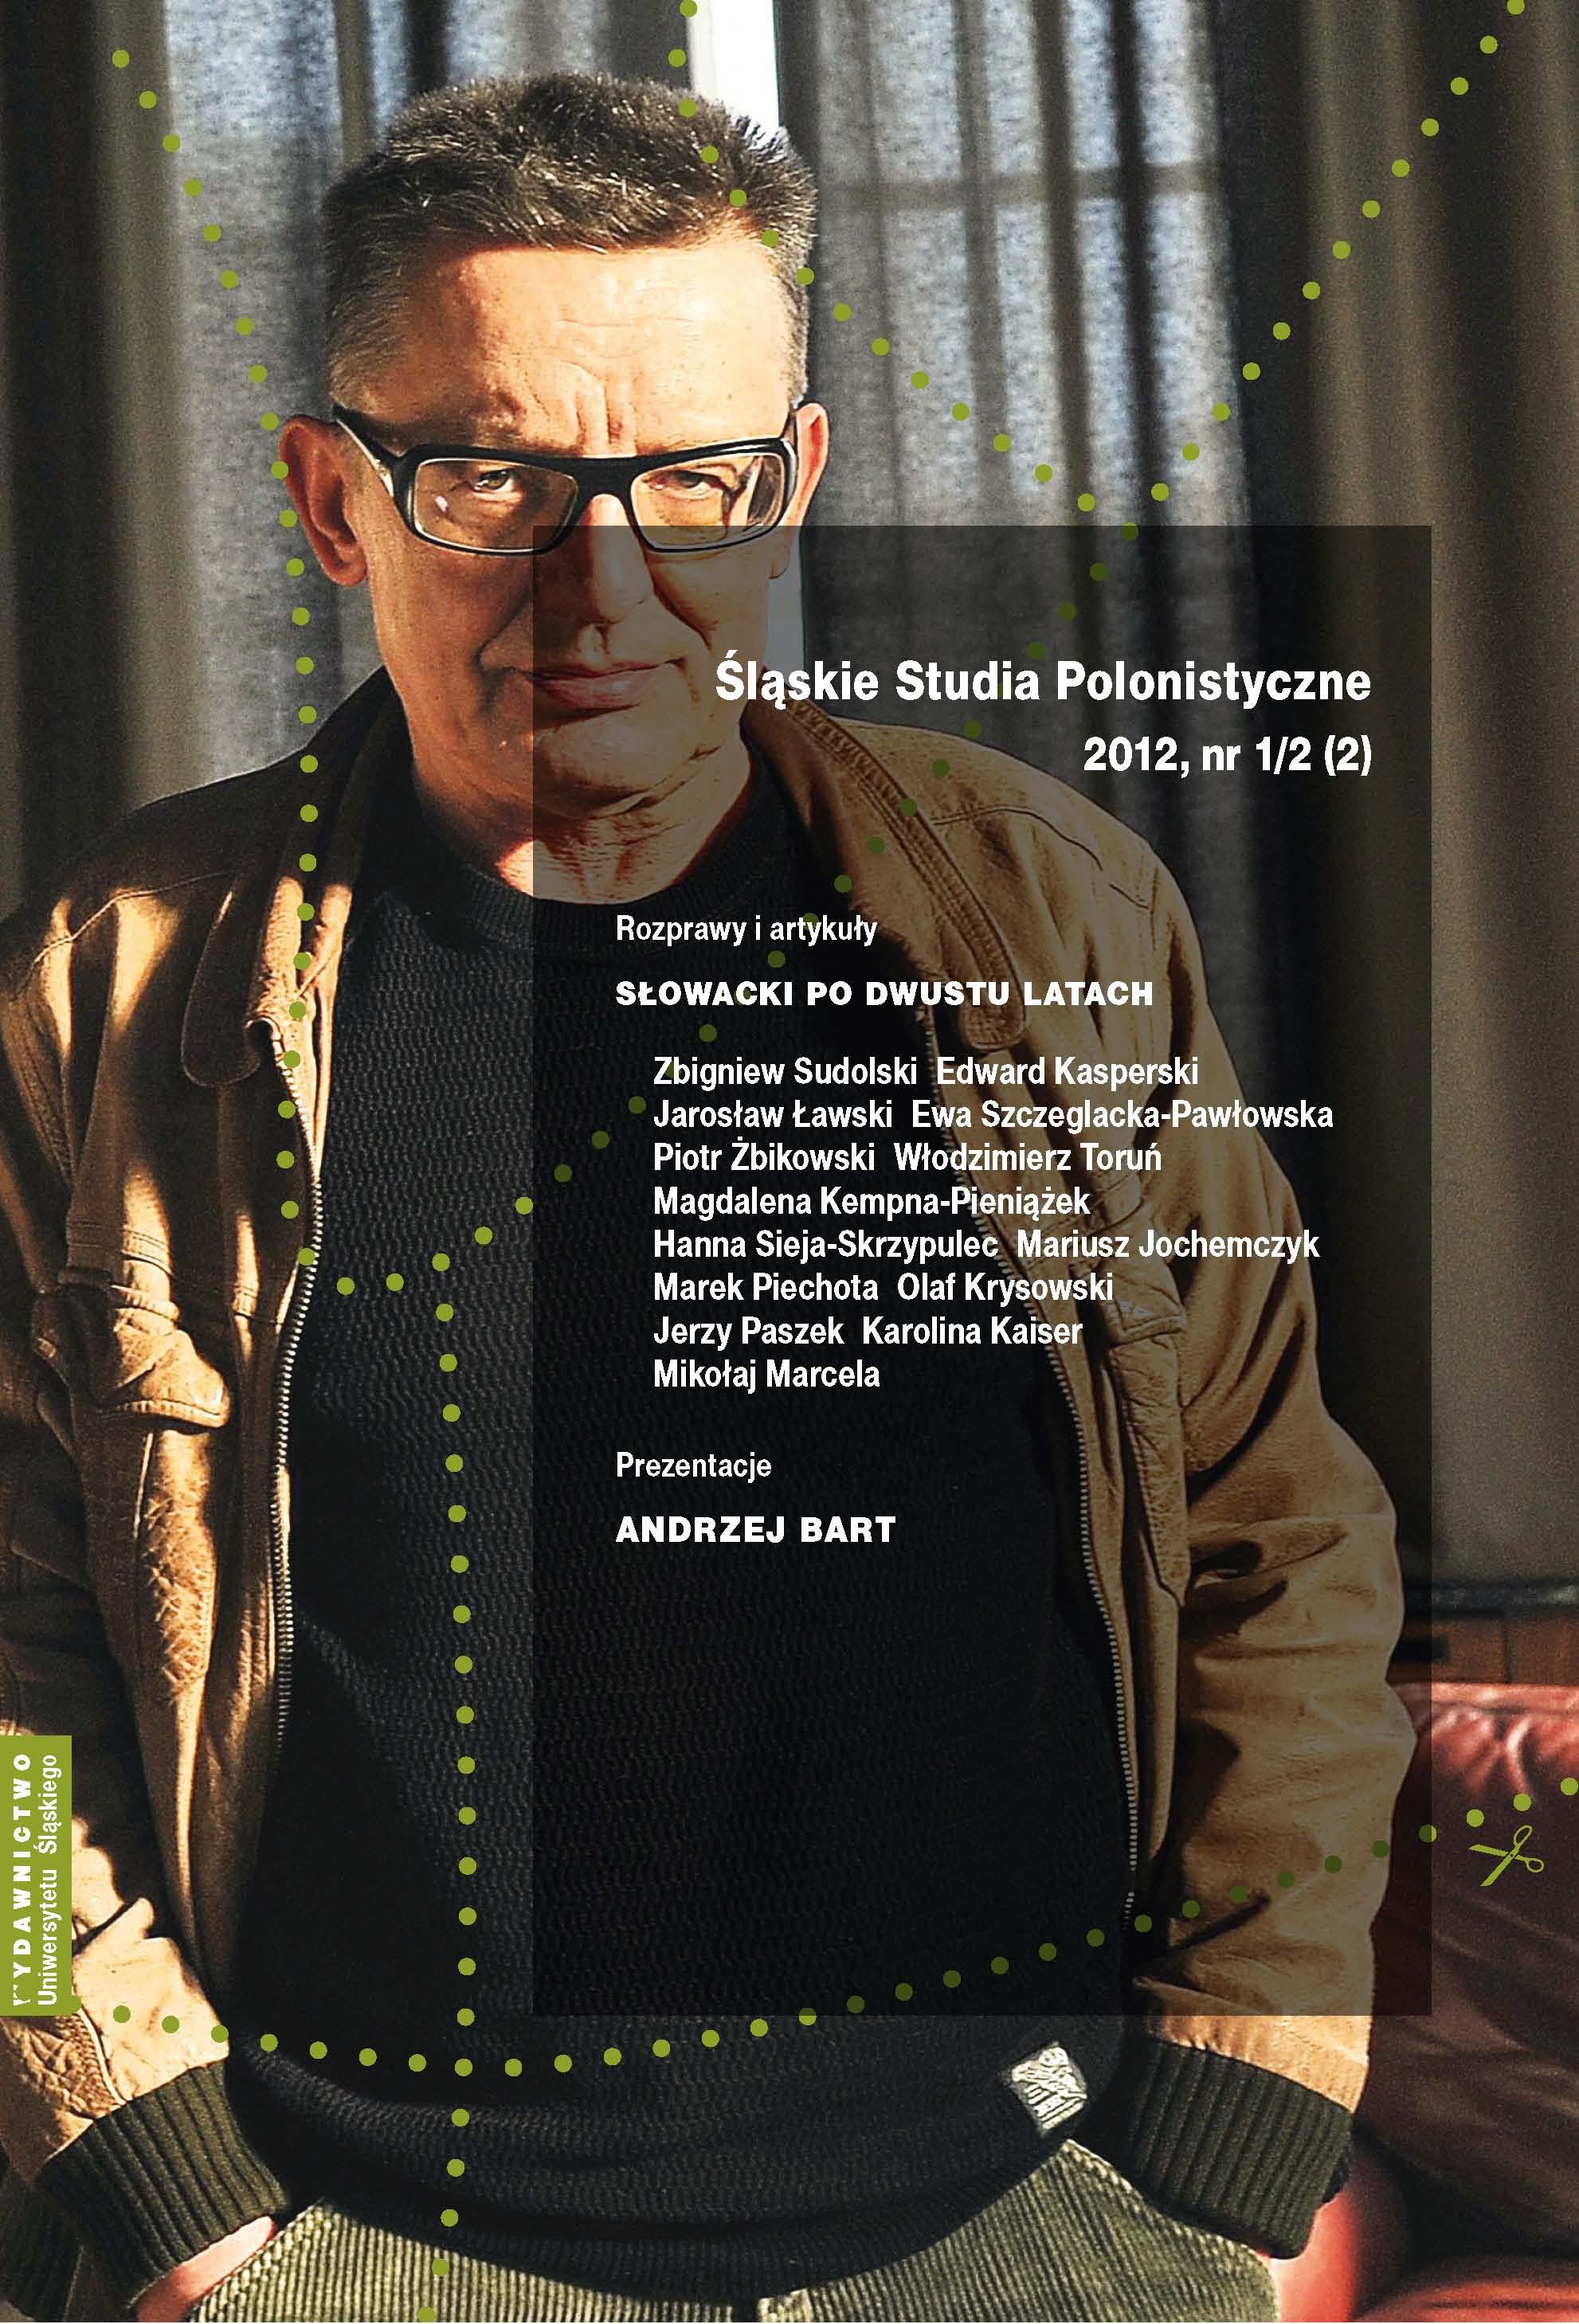 Śląskie Studia Polonistyczne 2012 nr 1-2 (2)